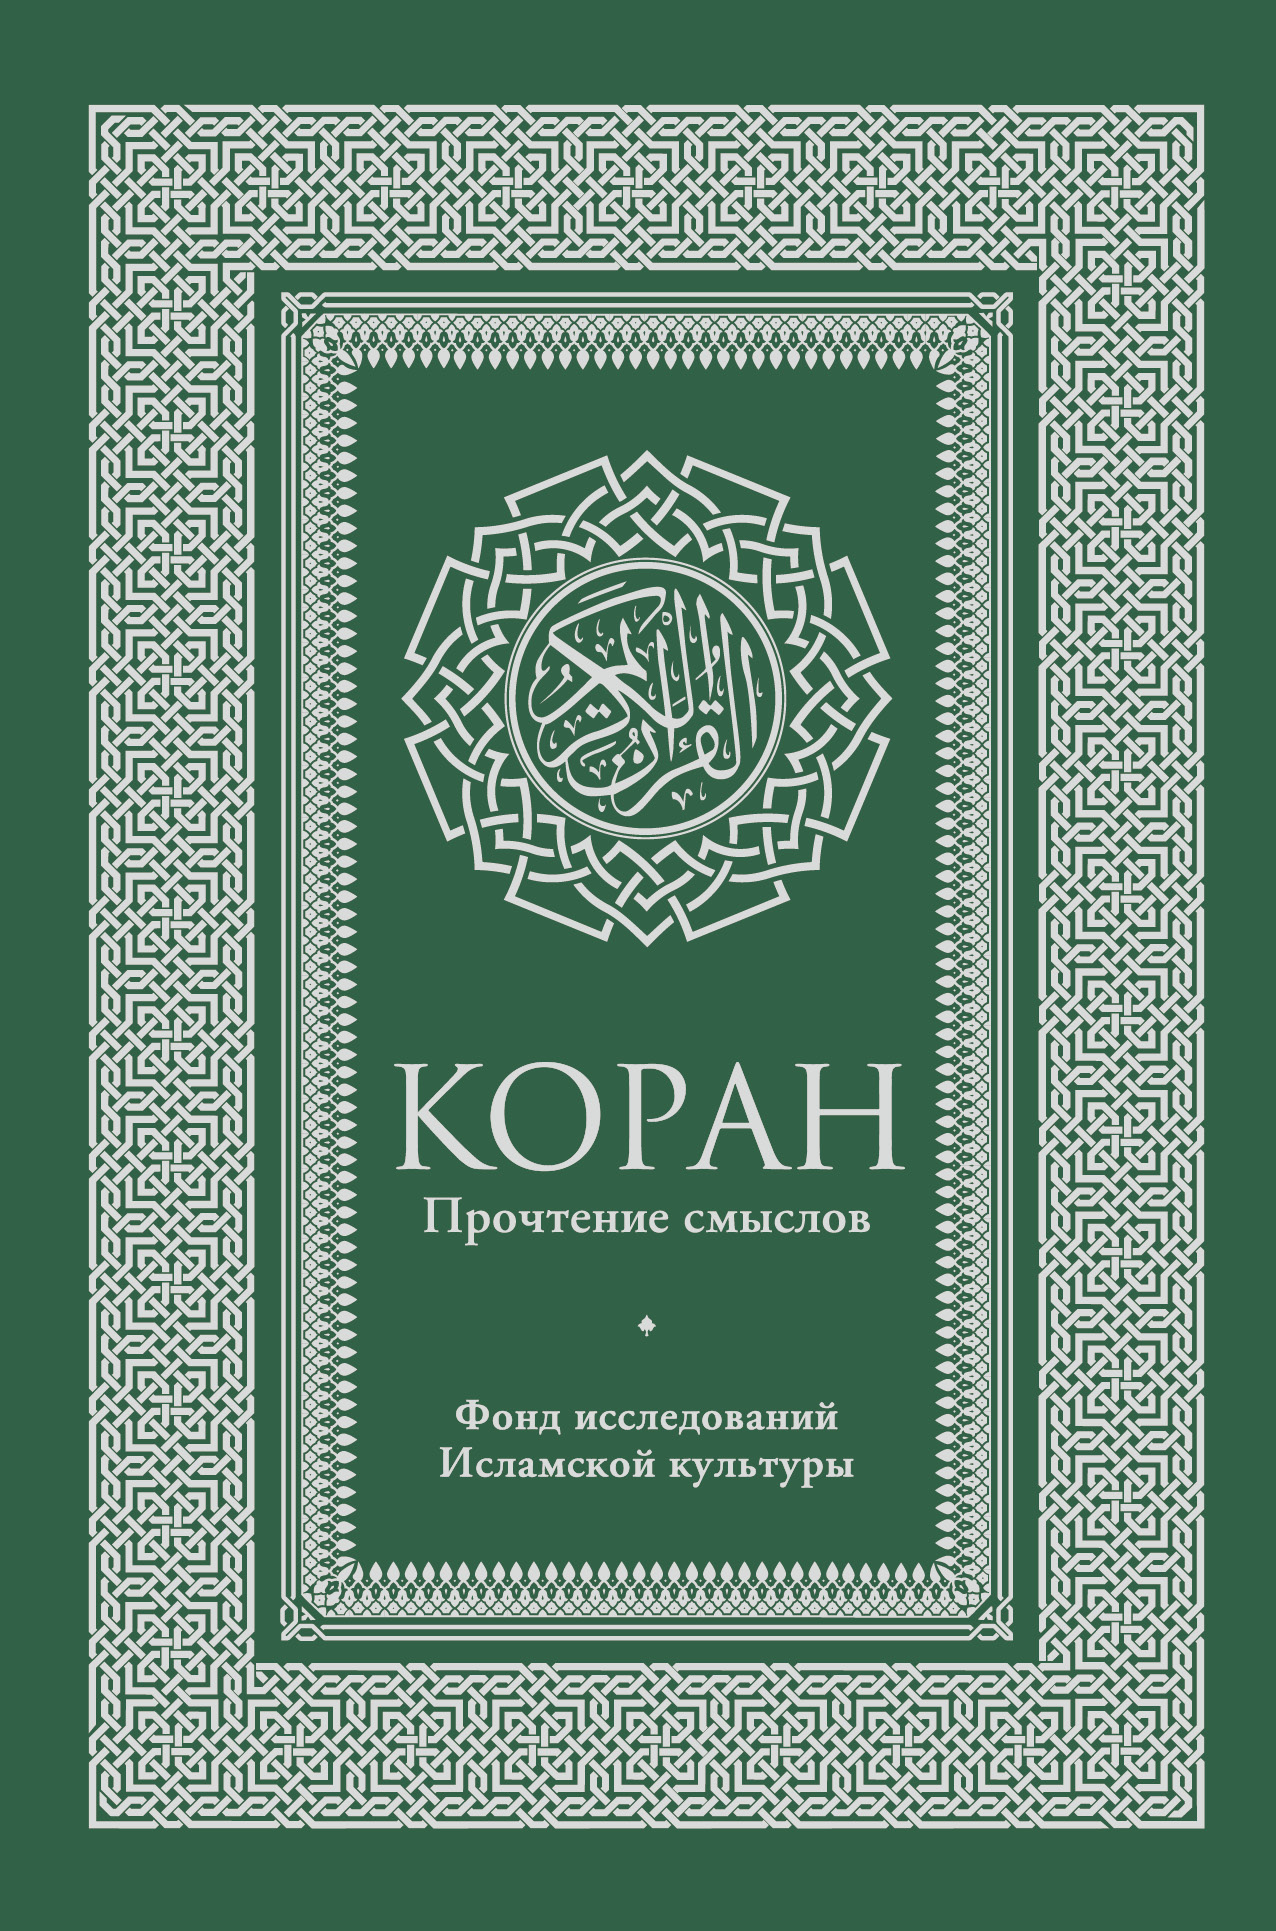 Коран. Прочтение смыслов. Фонд исследований исламской культуры ( Фонд исследований исламской культуры  )